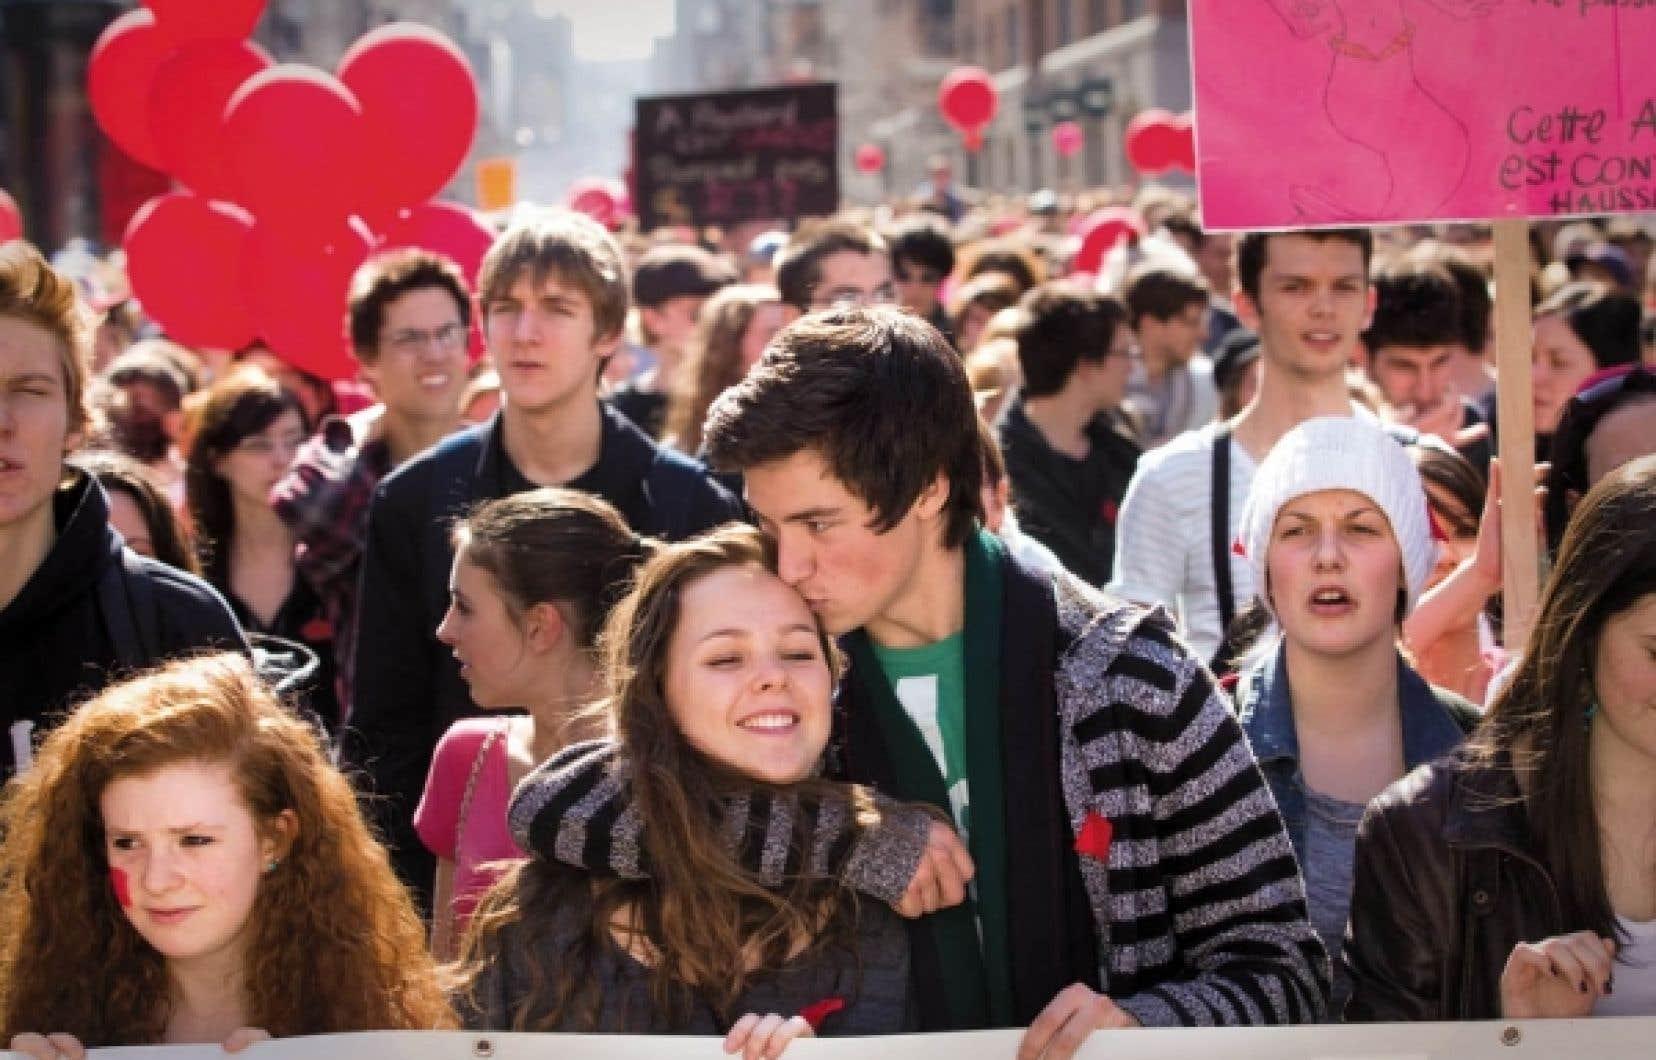 Plusieurs générations se sont unies hier pour protester contre la hausse des droits de scolarité. Ils étaient des dizaines de milliers à manifester à Montréal (ci-dessus), mais aussi à Québec, Sherbrooke et Alma.<br />